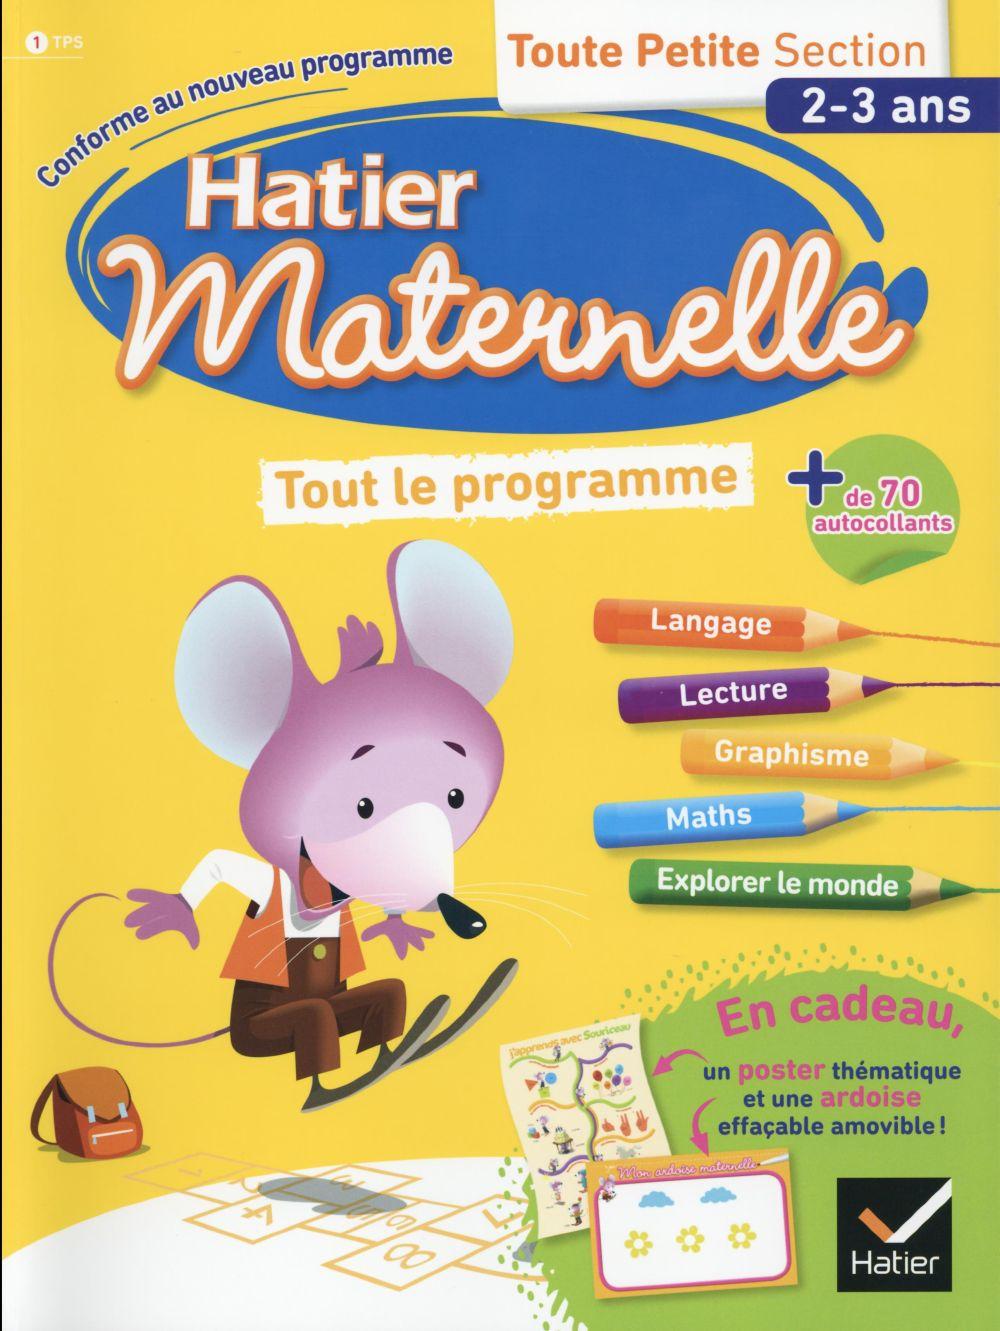 Hatier Maternelle ; Tout Le Programme ; Toute Petite Section